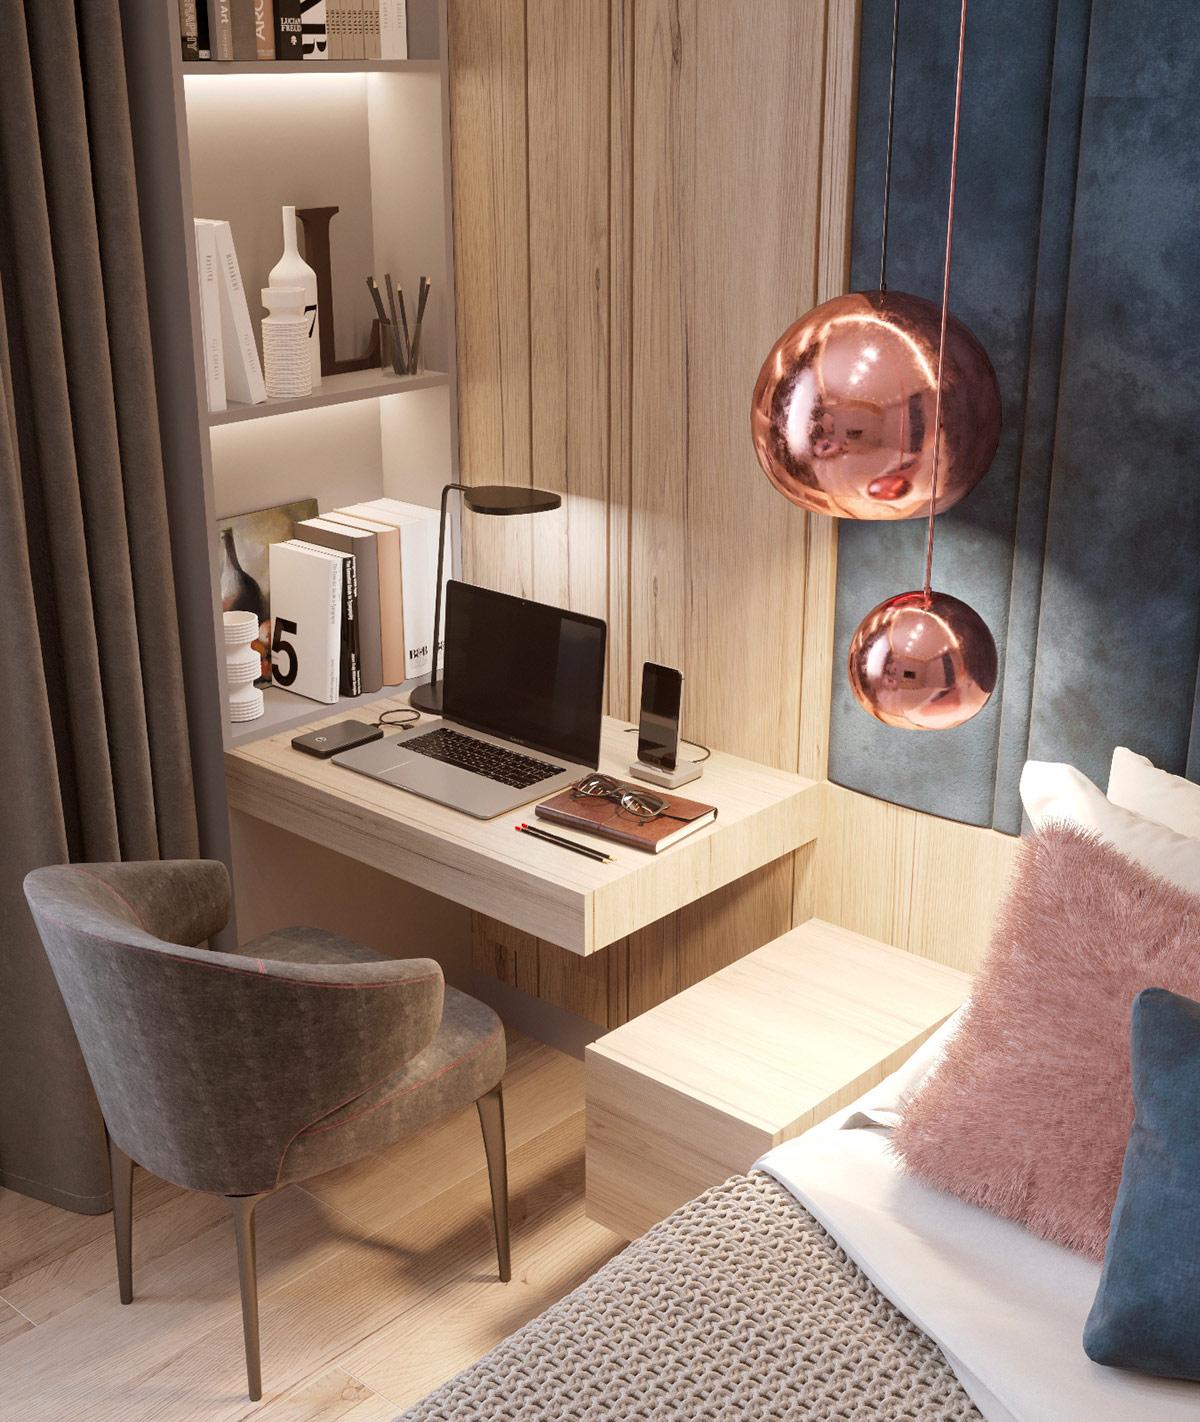 Семейный дом класса люкс с голубым, розовым и золотым декором: Фотообзор